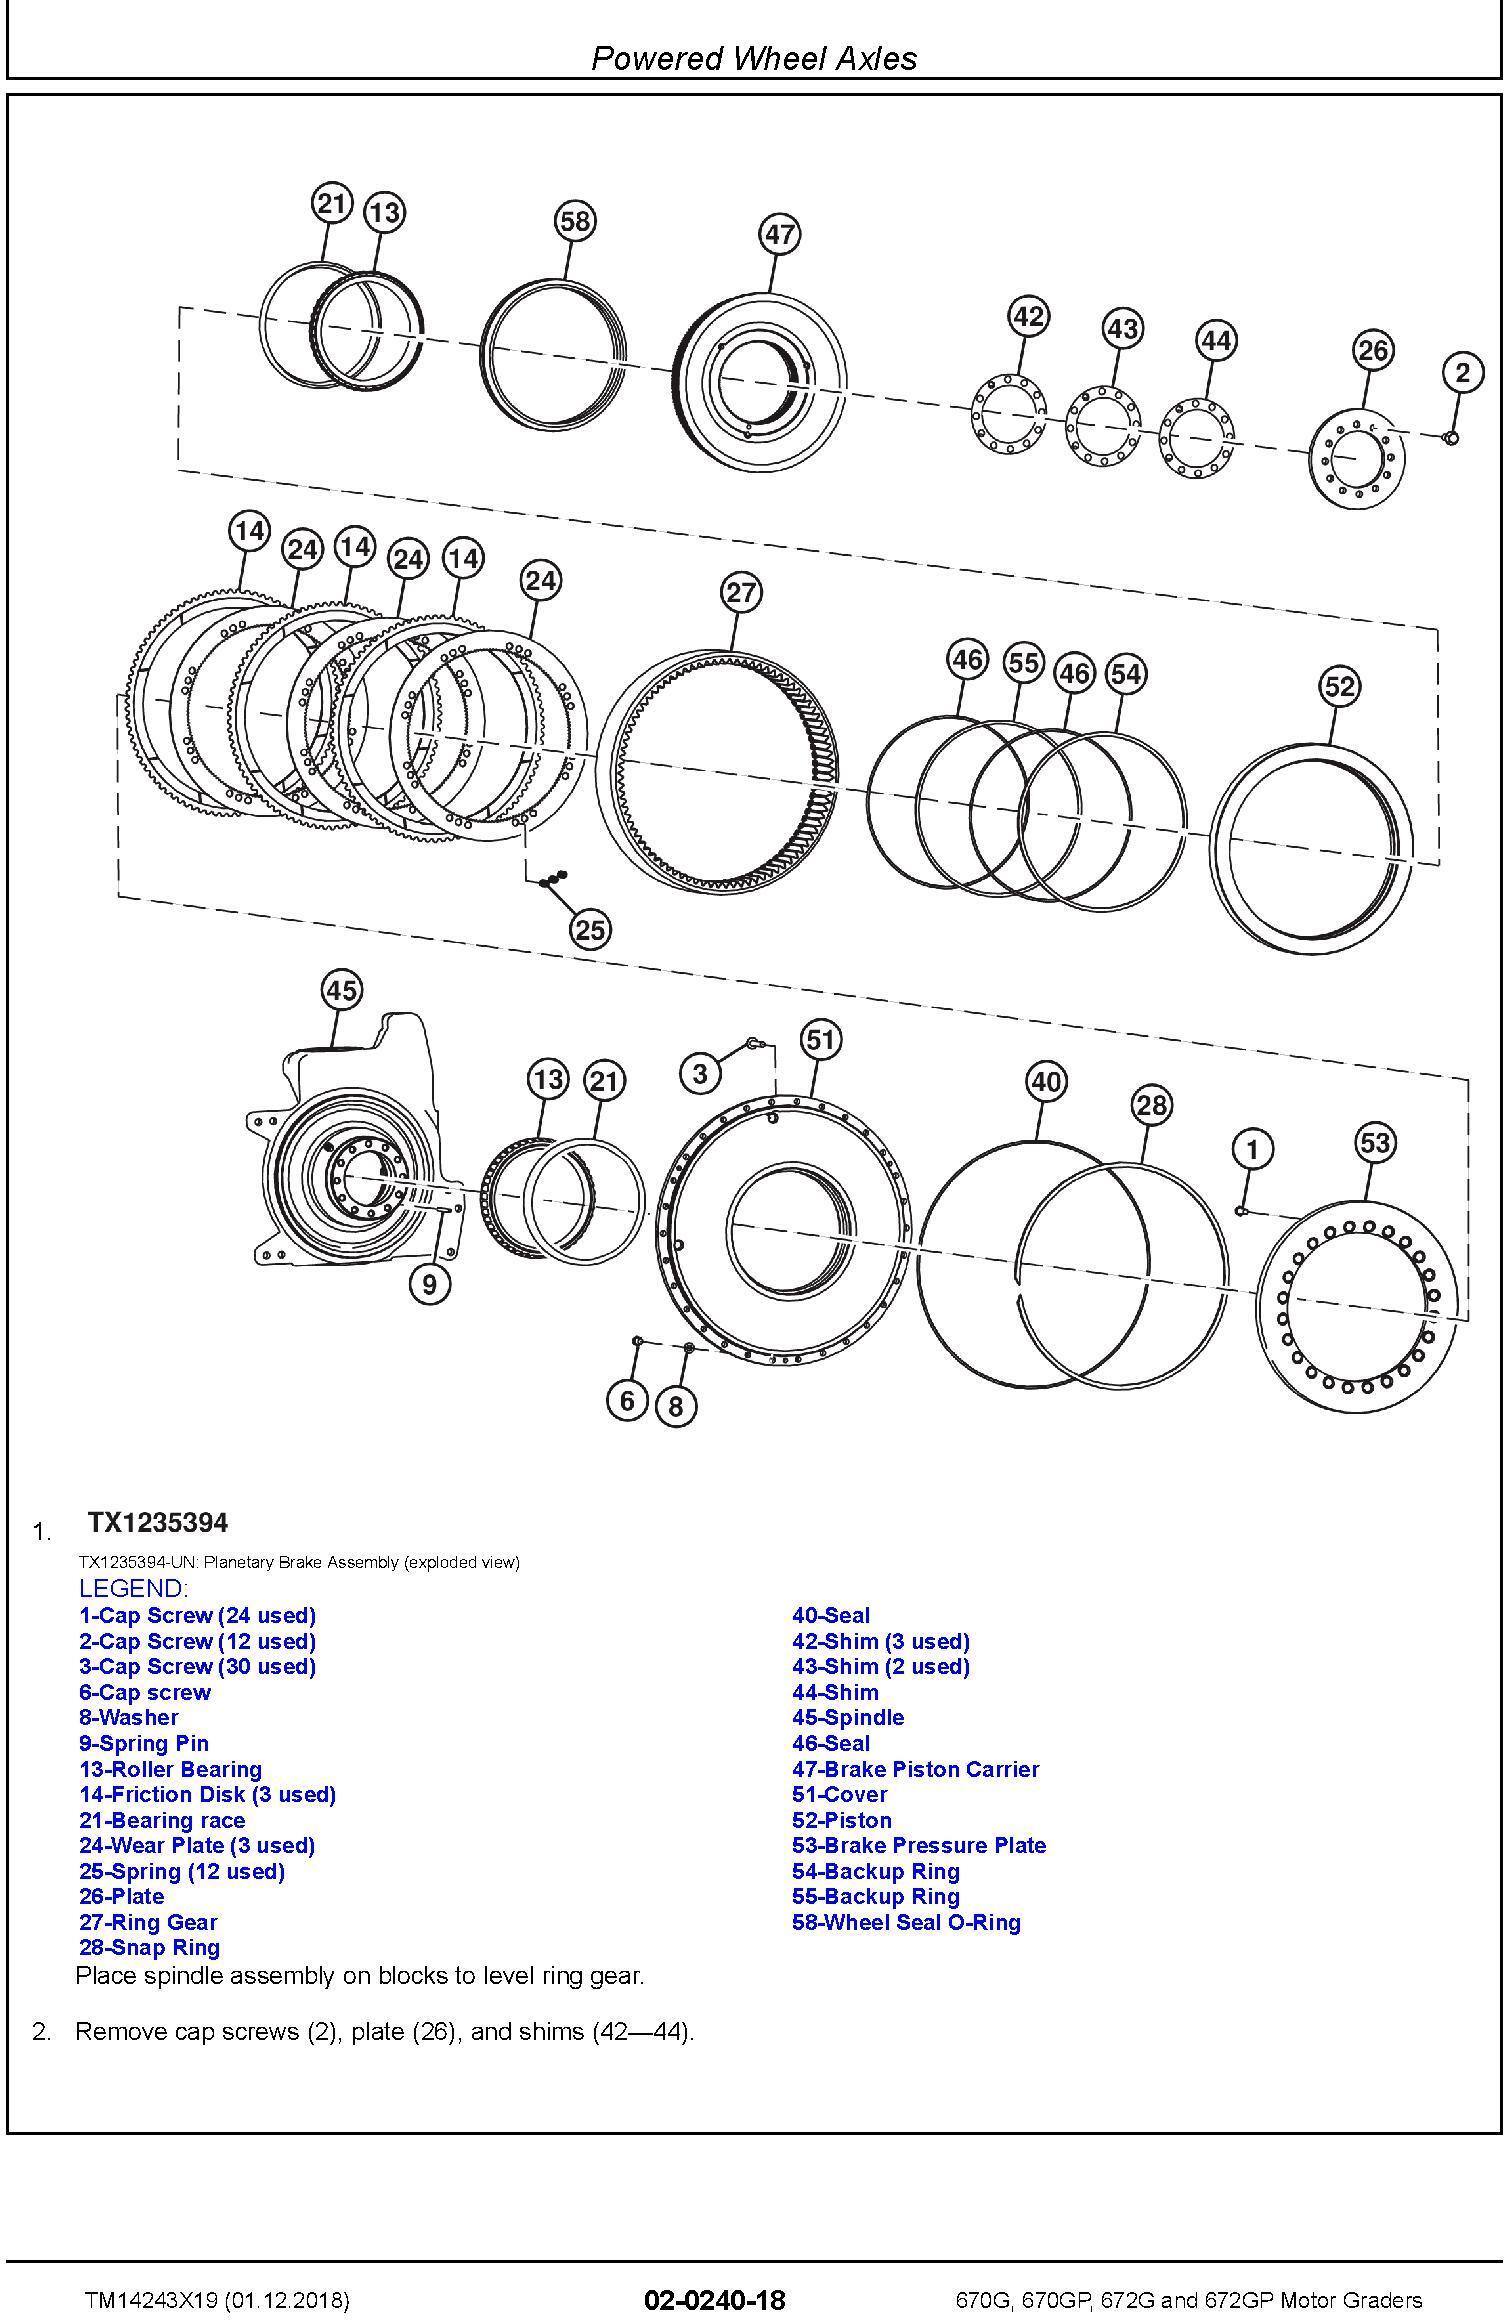 John Deere 670G, 670GP, 672G, 672GP (SN.F680878-, L700954